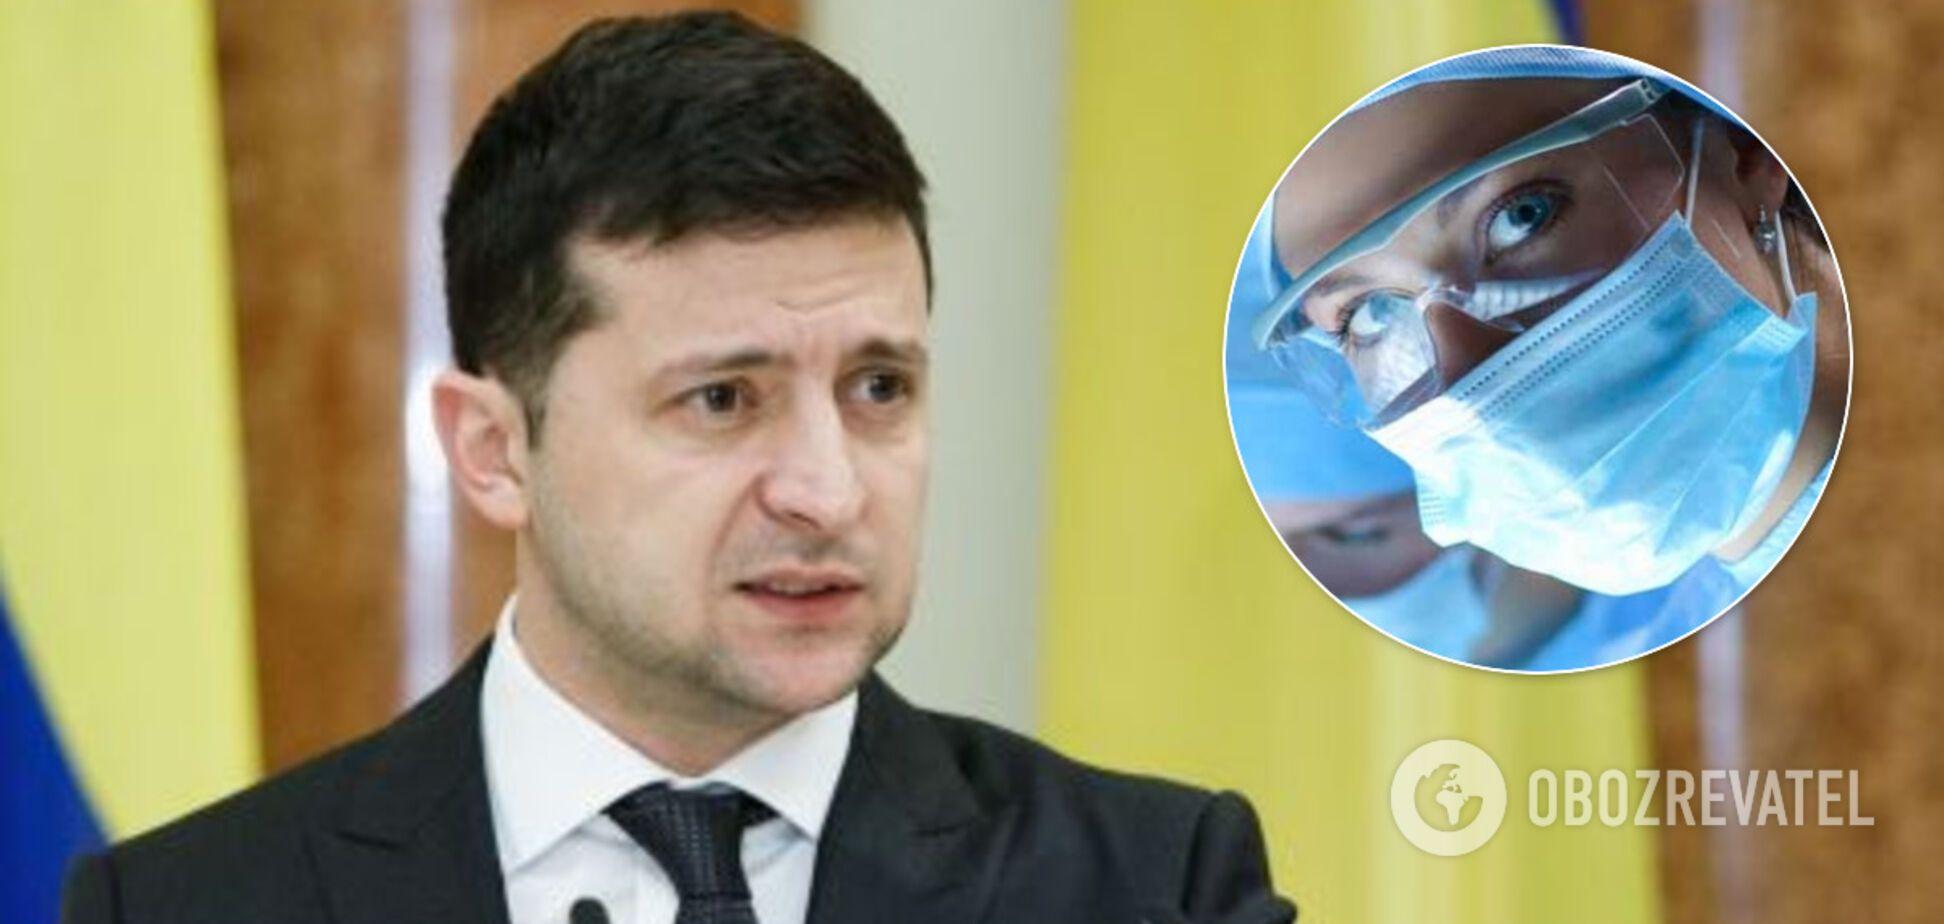 Зеленский отдаст медицину в Украине 'коллегии выдающихся врачей'